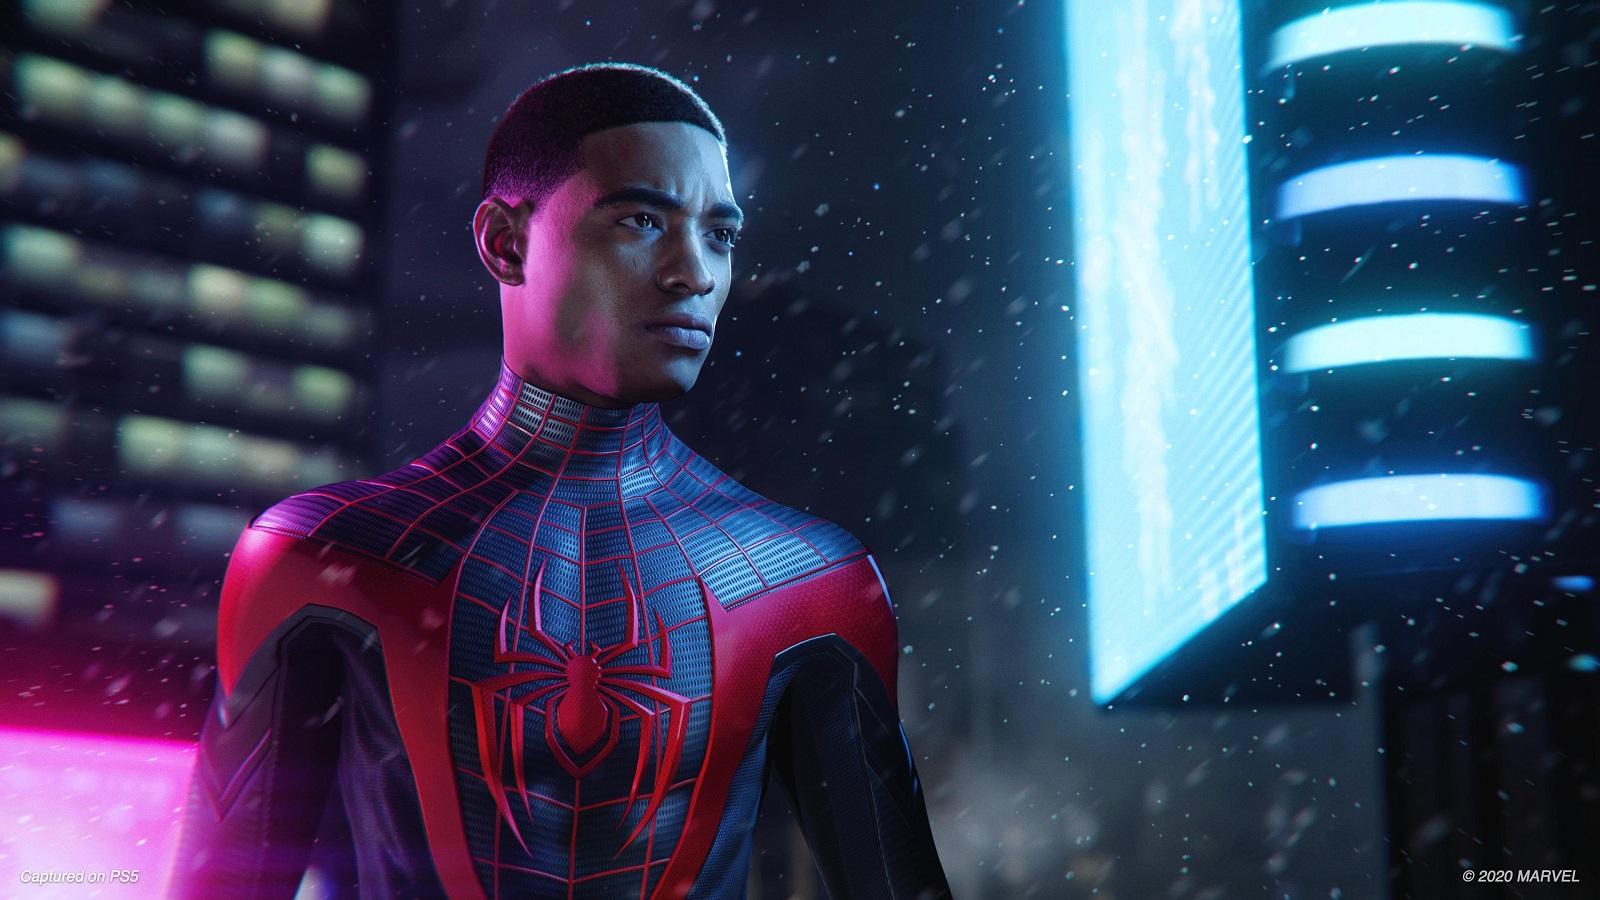 Insomniac поделилась новыми подробностями и скриншотом Marvel's Spider-Man: Miles Morales